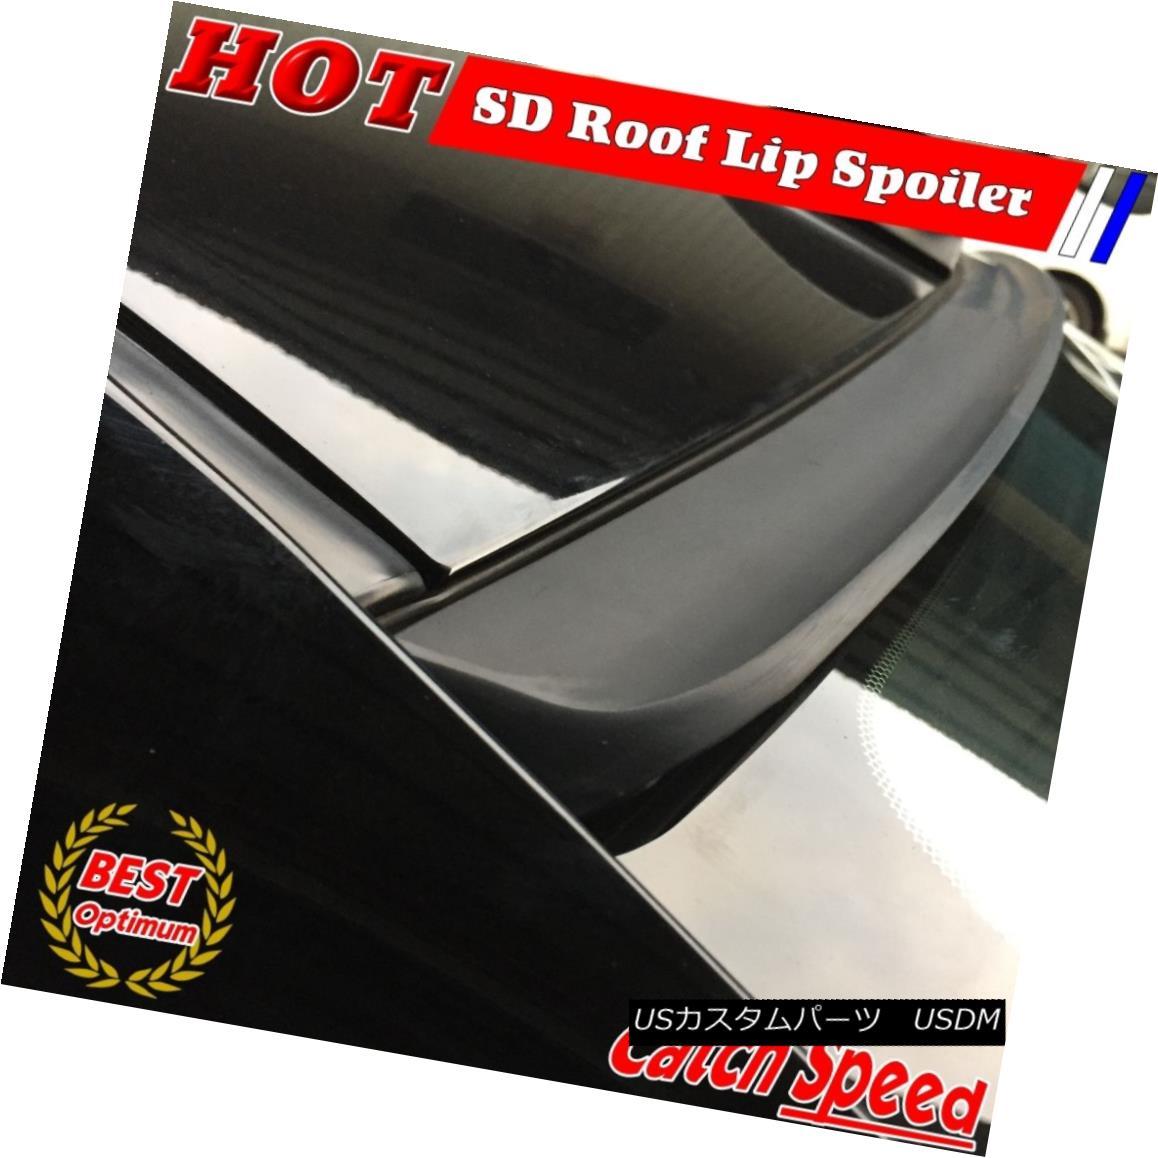 エアロパーツ Painted SD Rear Roof Spoiler Wing For Hyundai Tiburon/Tuscani Coupe 2003~2008 現代ティブロン/トスカーナのための塗装されたSDリアルーフスポイラーウイング i Coupe 2003?2008